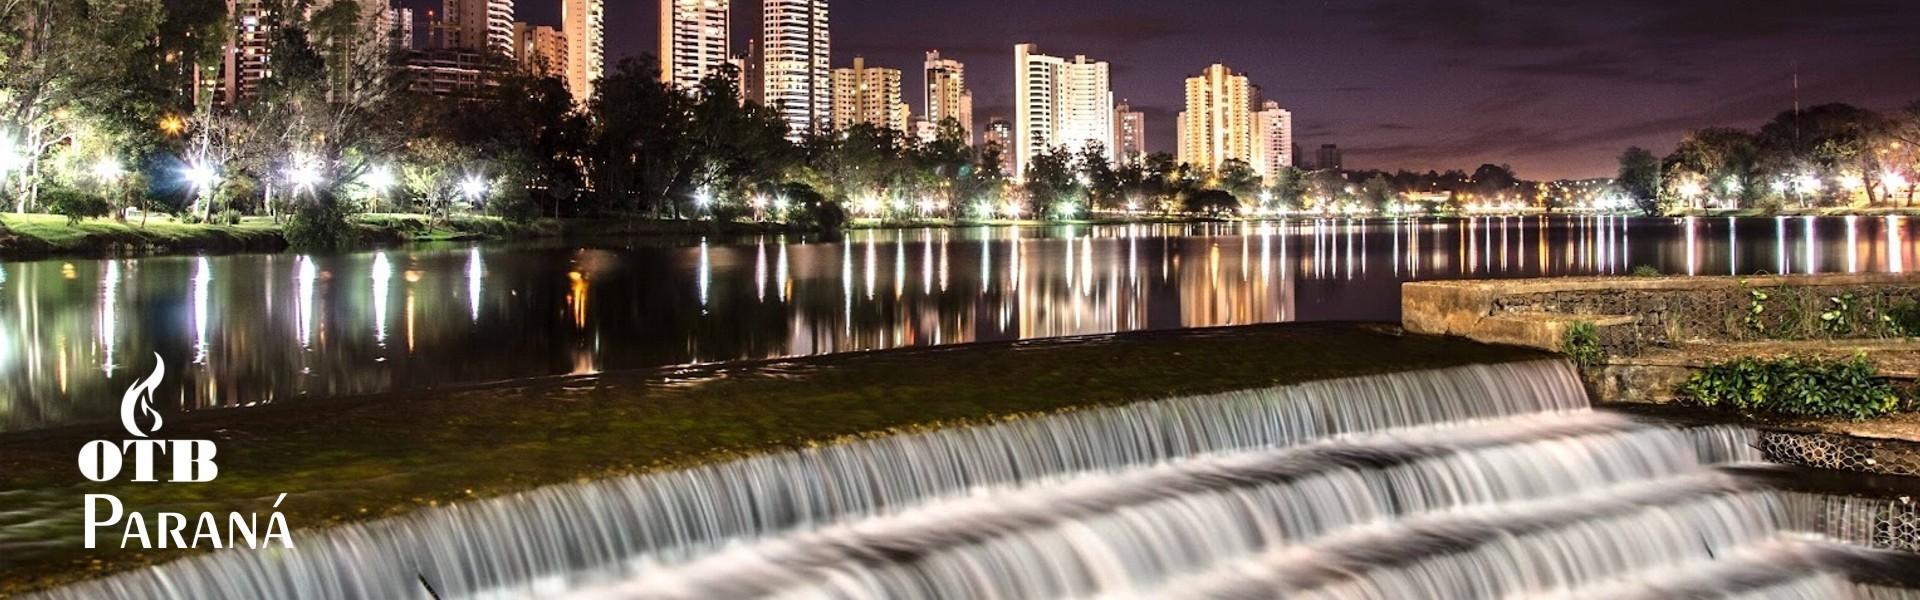 OTB Estado do Paraná